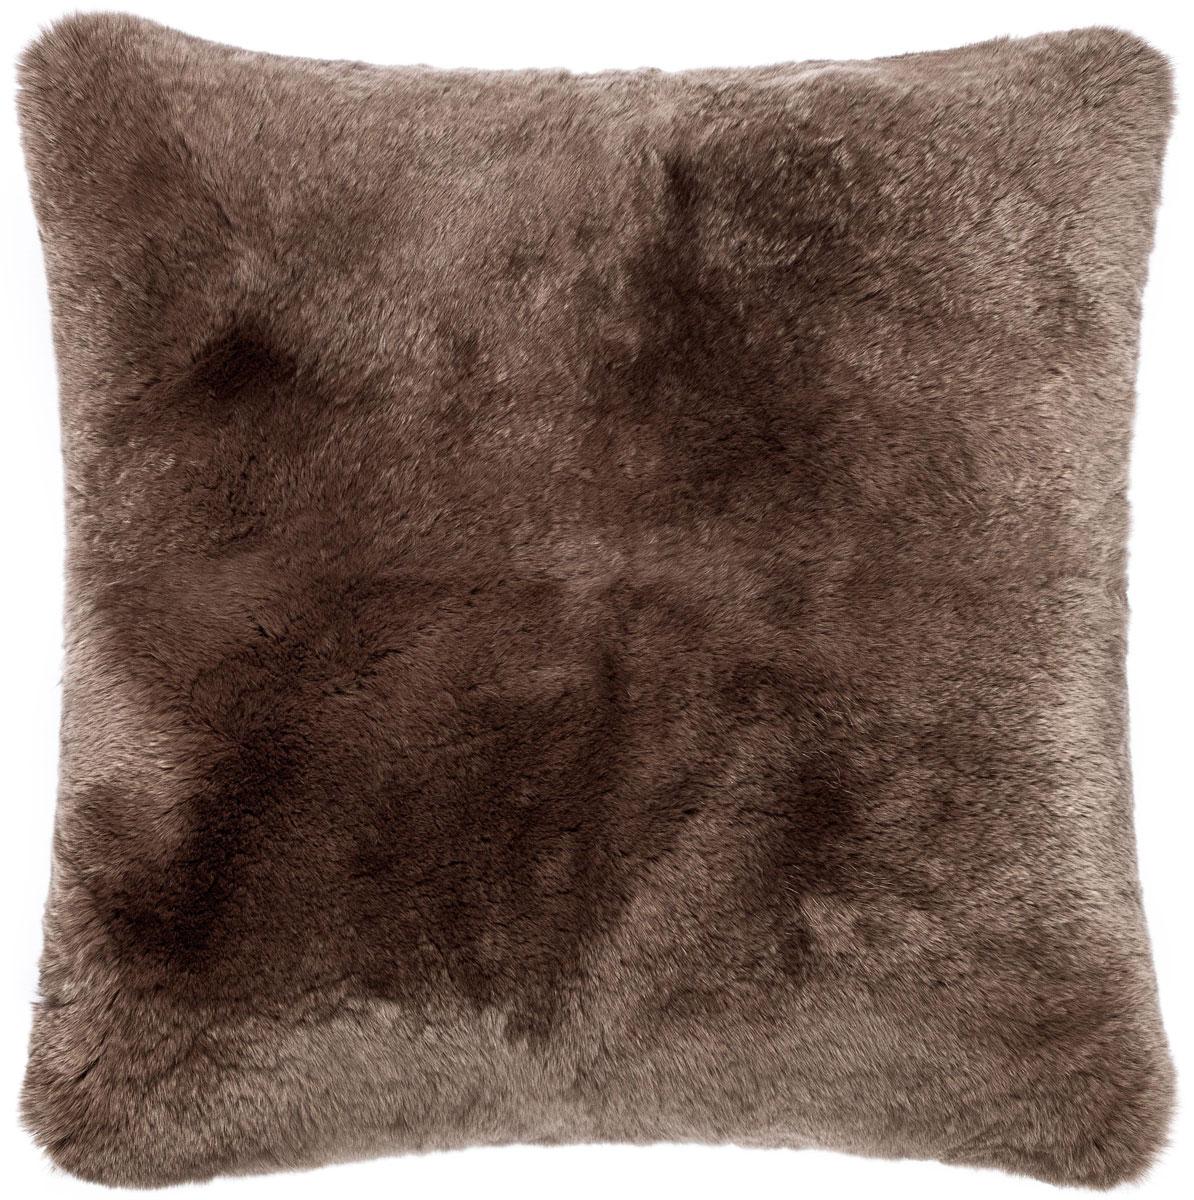 Подушка декоративная Togas Фостер, цвет: коричневый, 40 х 40 см20.03.10.0098Декоративная подушка Фостер. Цвет: коричневый.Состав: 100% мех рекс, замша. Комплектация: декоративная наволочка - 1, подушка - 1. Размер:40 x 40 см. Уход: не стирать, не отбеливать, не гладить, сухая чистка, не сушить.